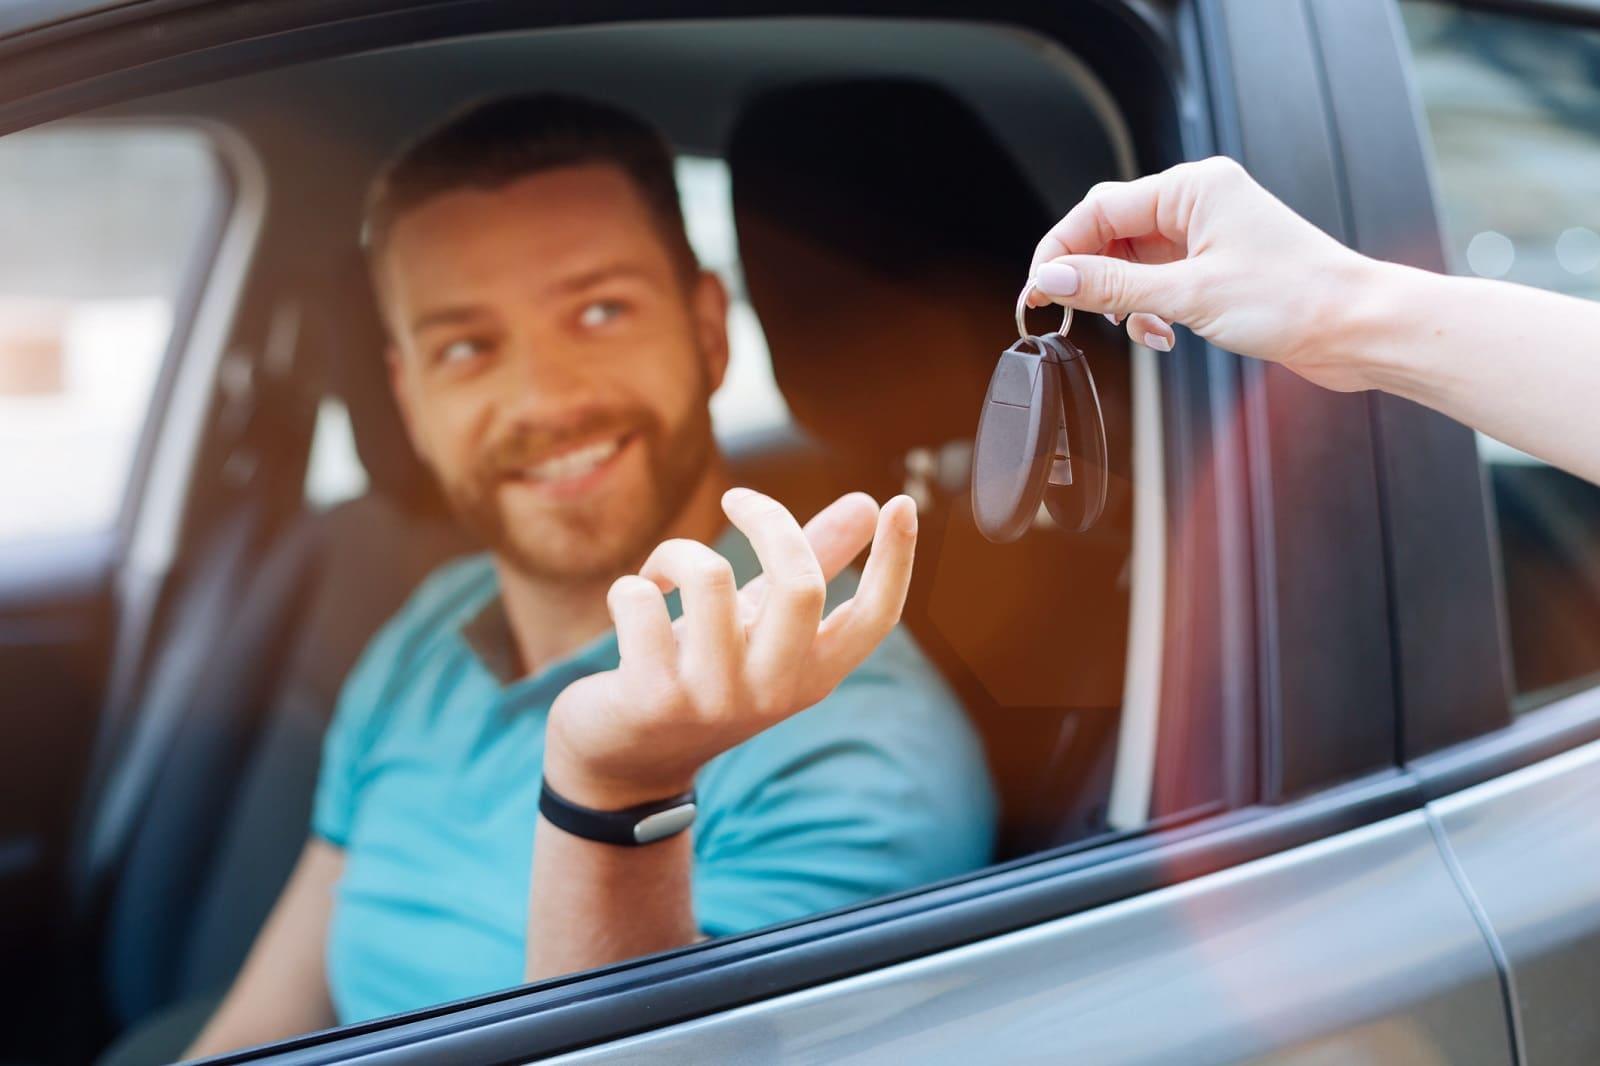 Umowa najmu pojazdu w świetle prawa